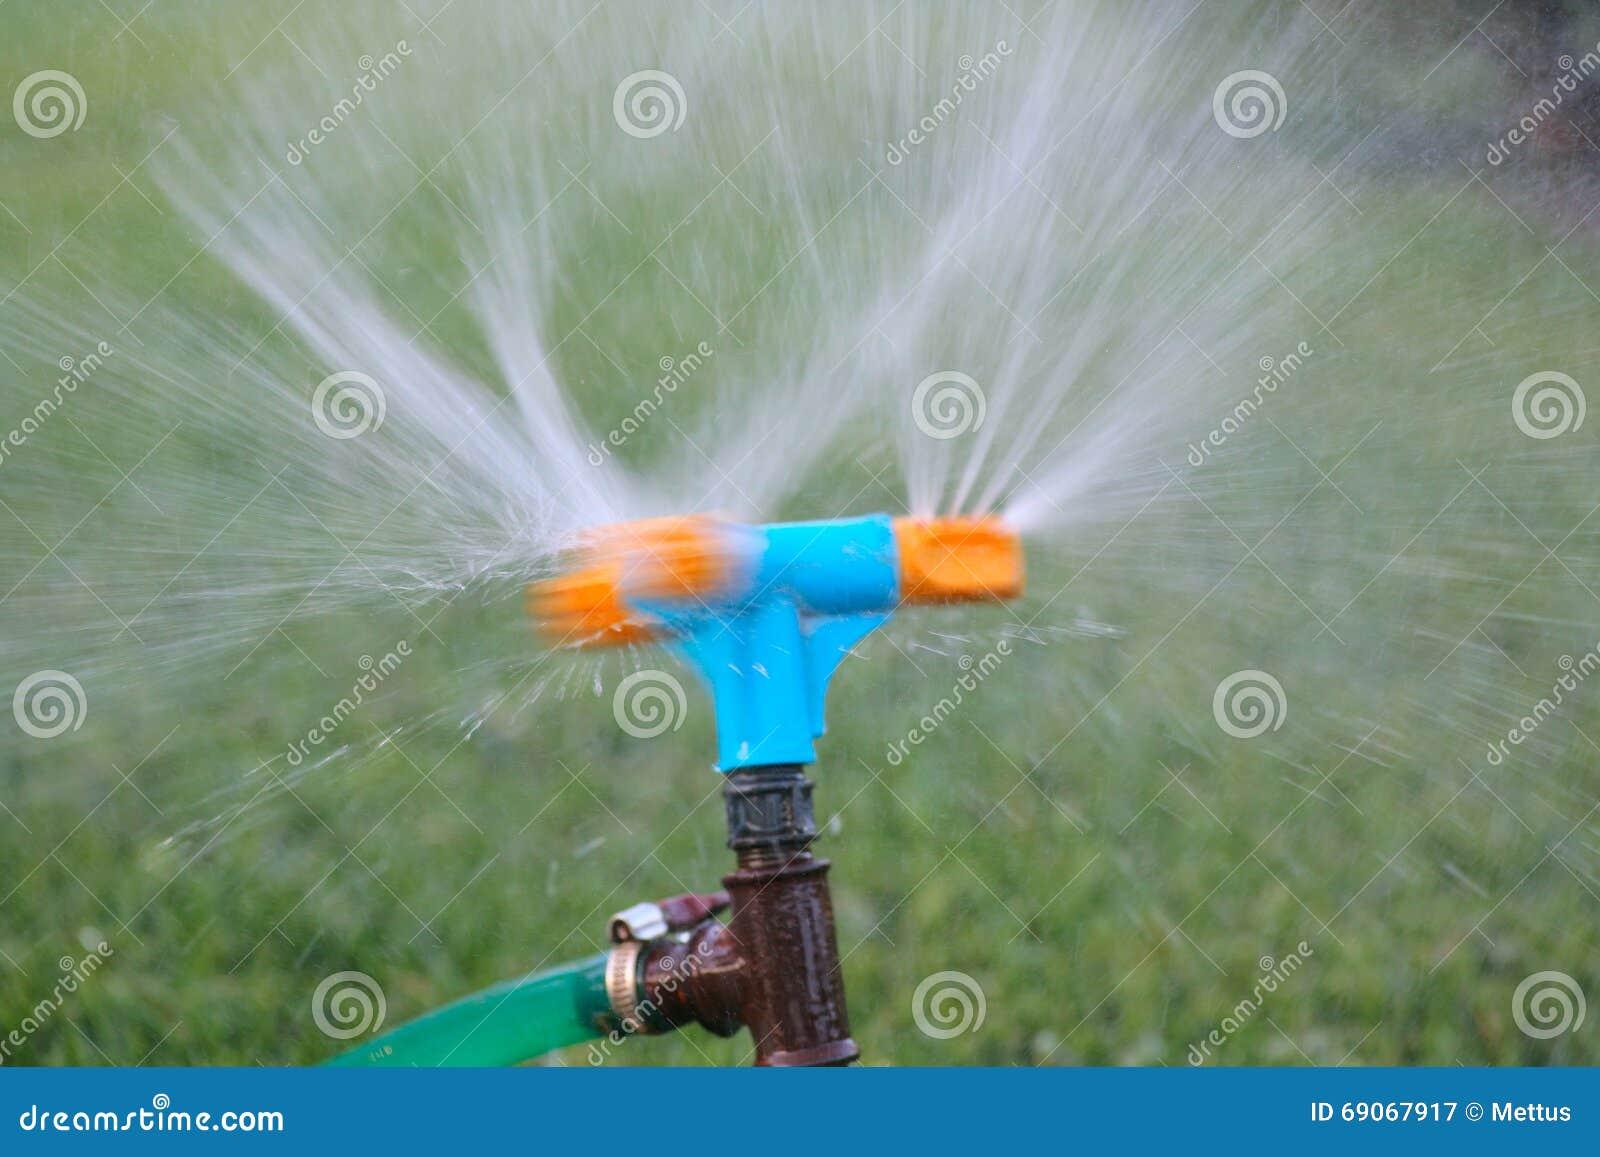 Herbe de arrosage d 39 arroseuse bleue et orange pelouse de arrosage de syst - Systeme irrigation jardin ...